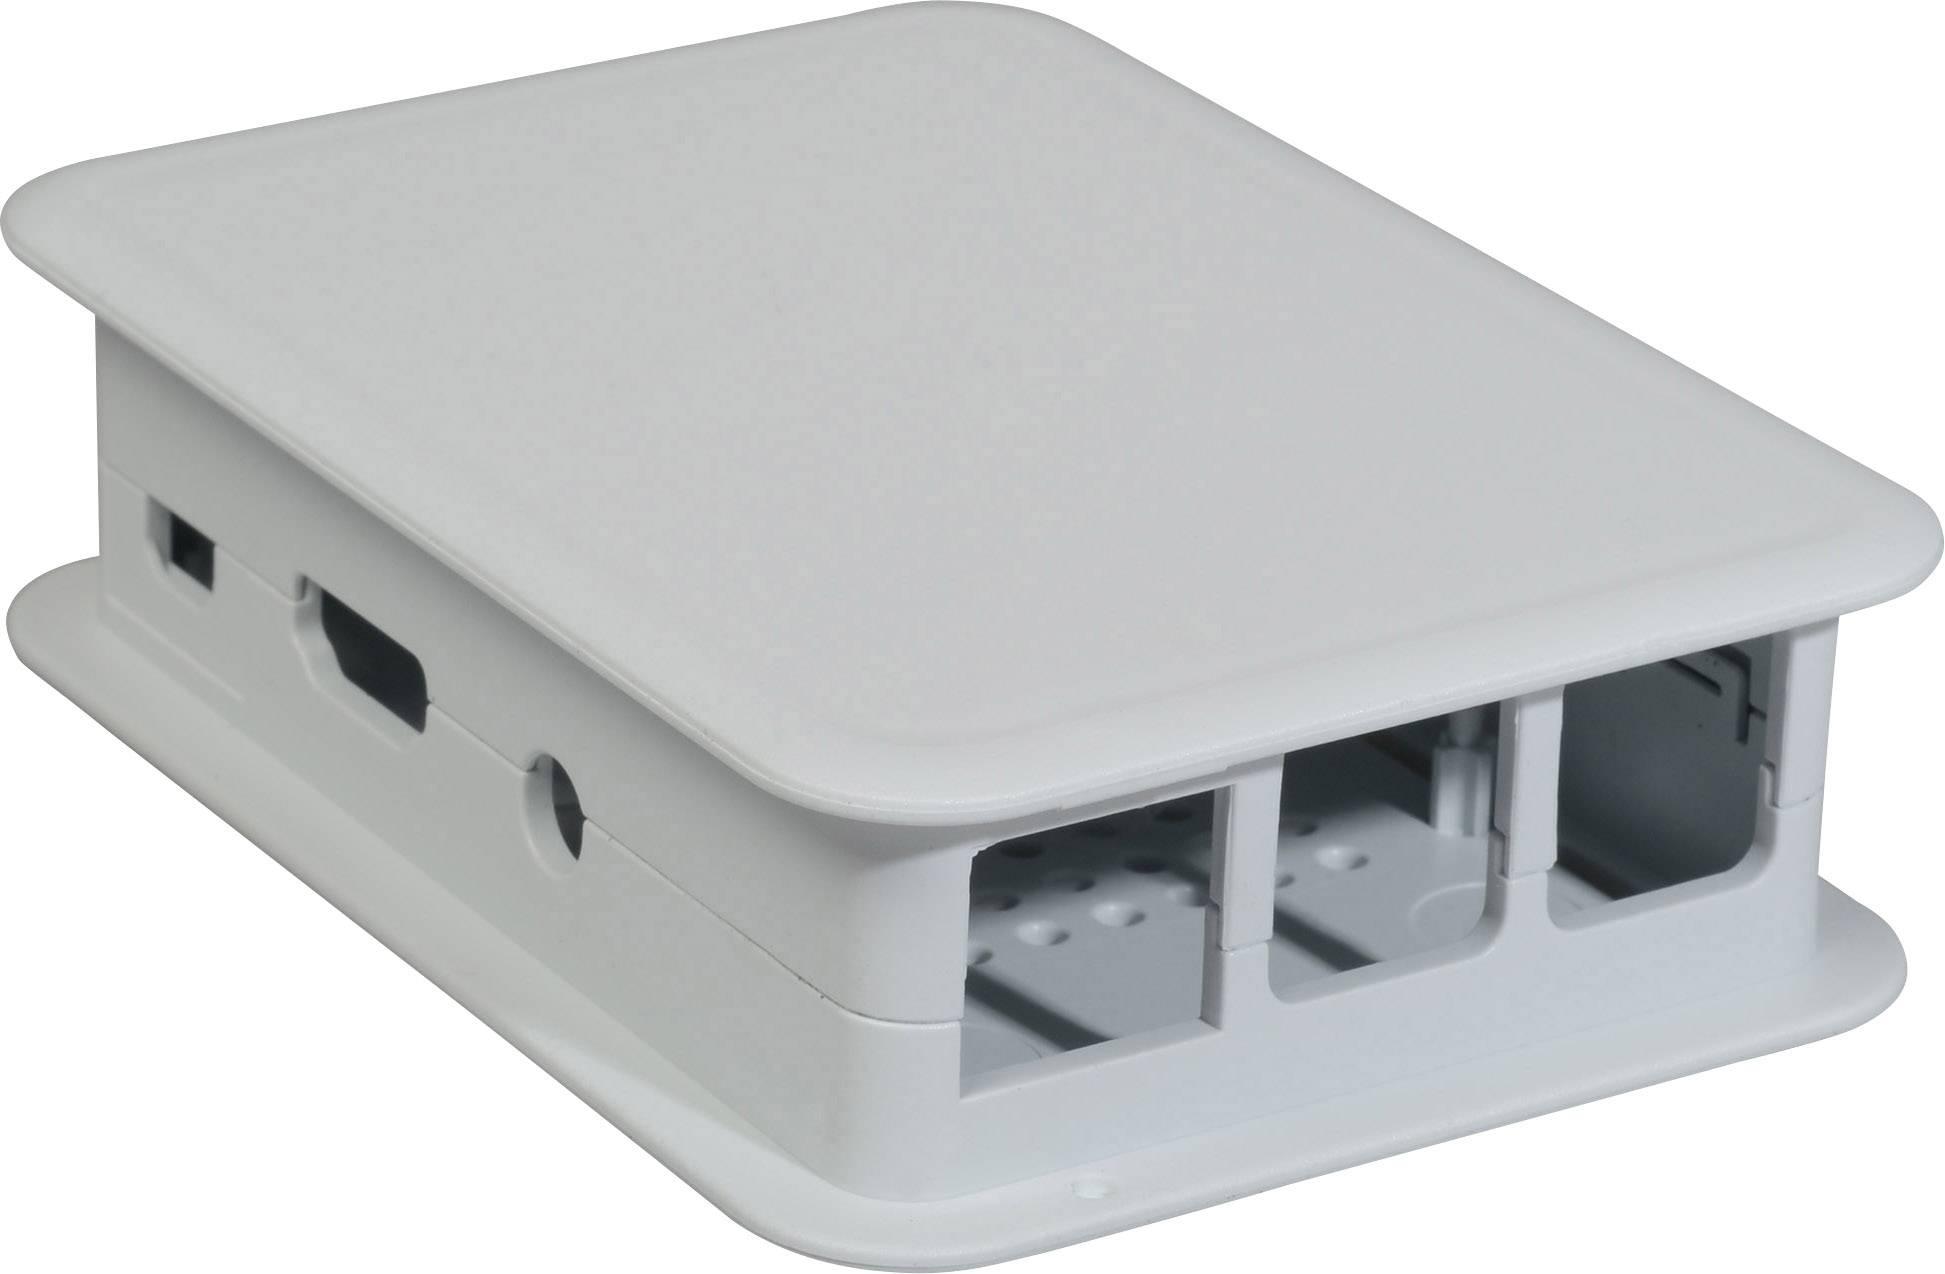 Kryt Raspberry Pi B++ TEKO TEK-BERRY3.40, pro Raspberry Pi® B+, světle šedá